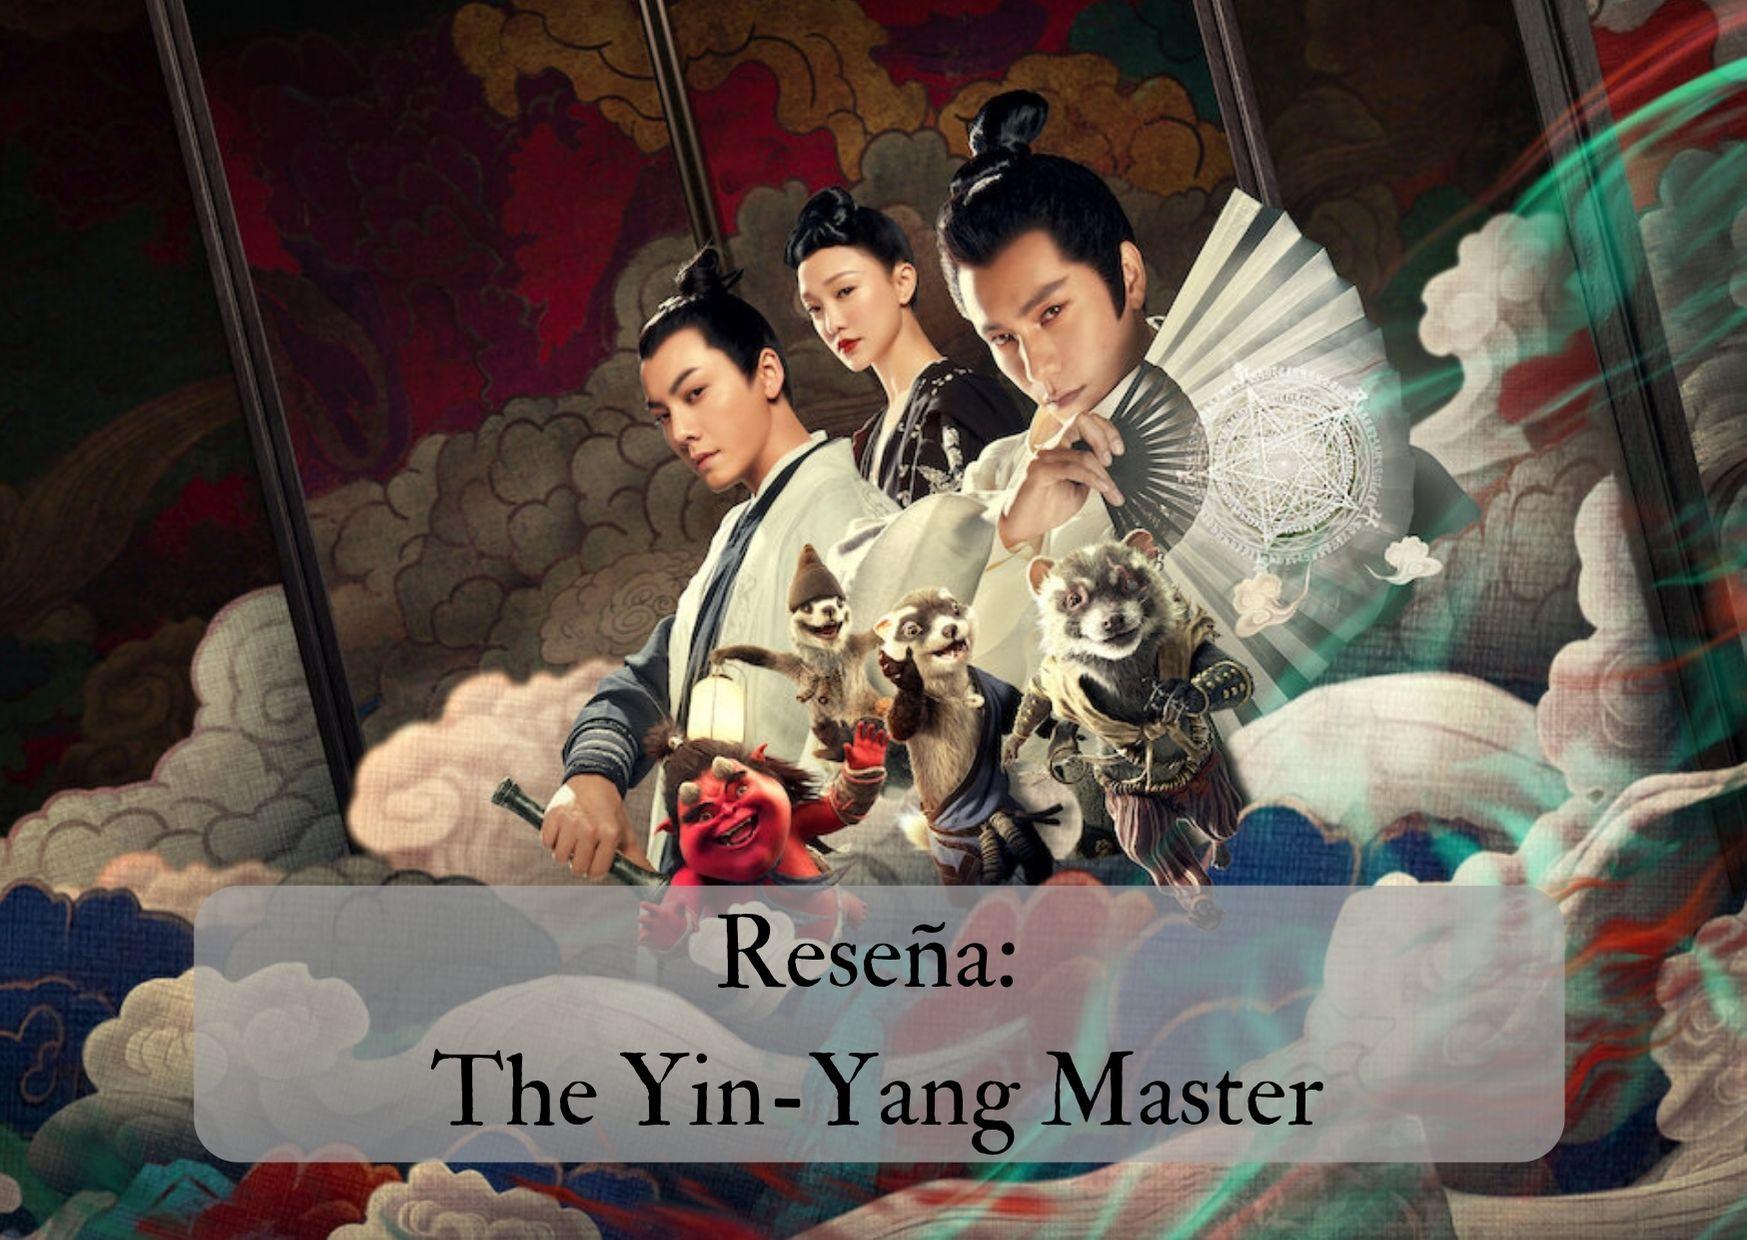 The Ying Yang Master – Reseña